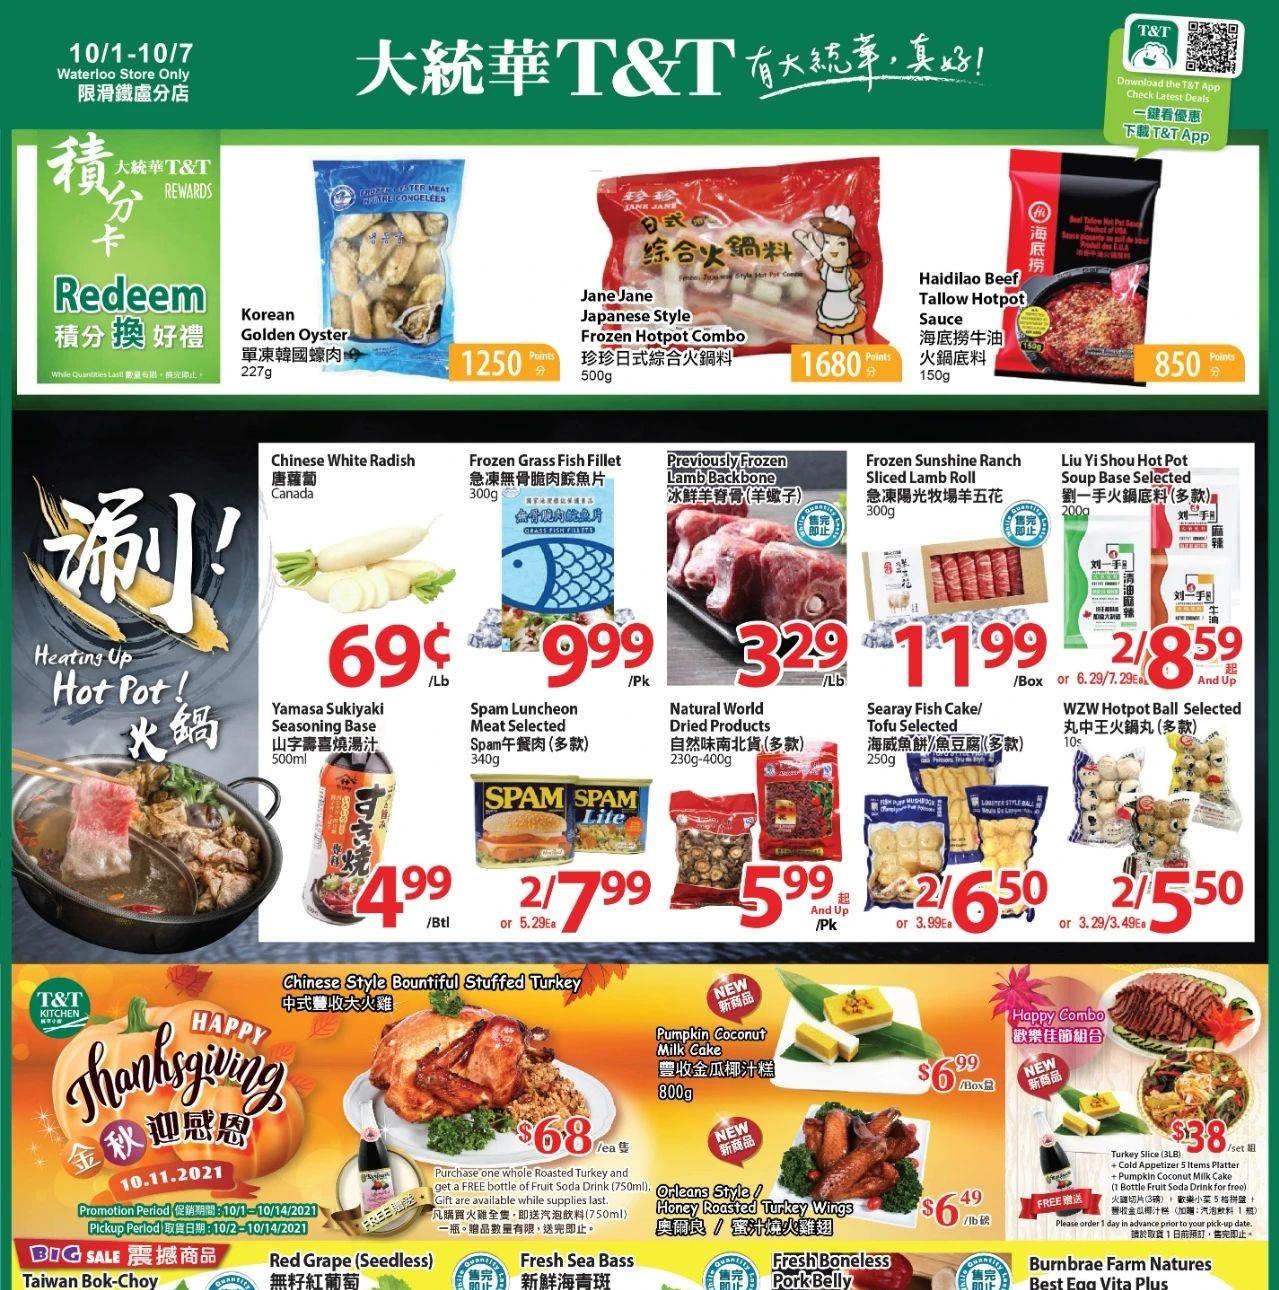 TNT Supermarket Waterloo Flyer   Oct 1